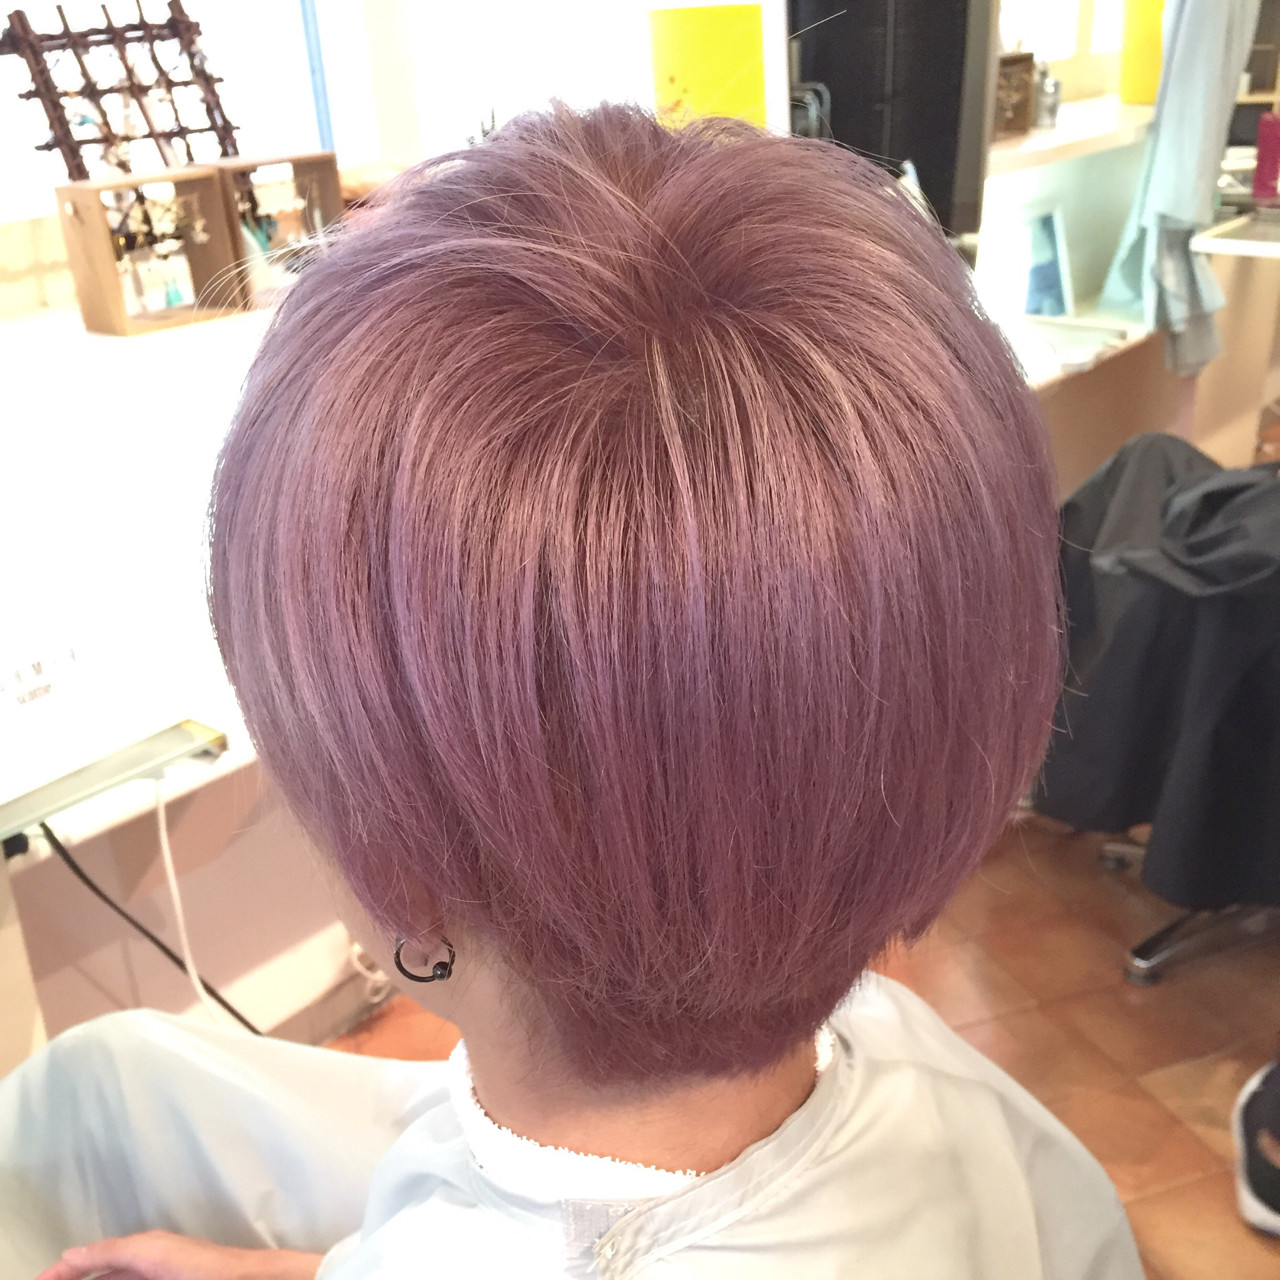 ラベンダーアッシュなあなたの髪色を旬に♪うっとり色落ちを楽しもう 鶴岡 純 / RUUP